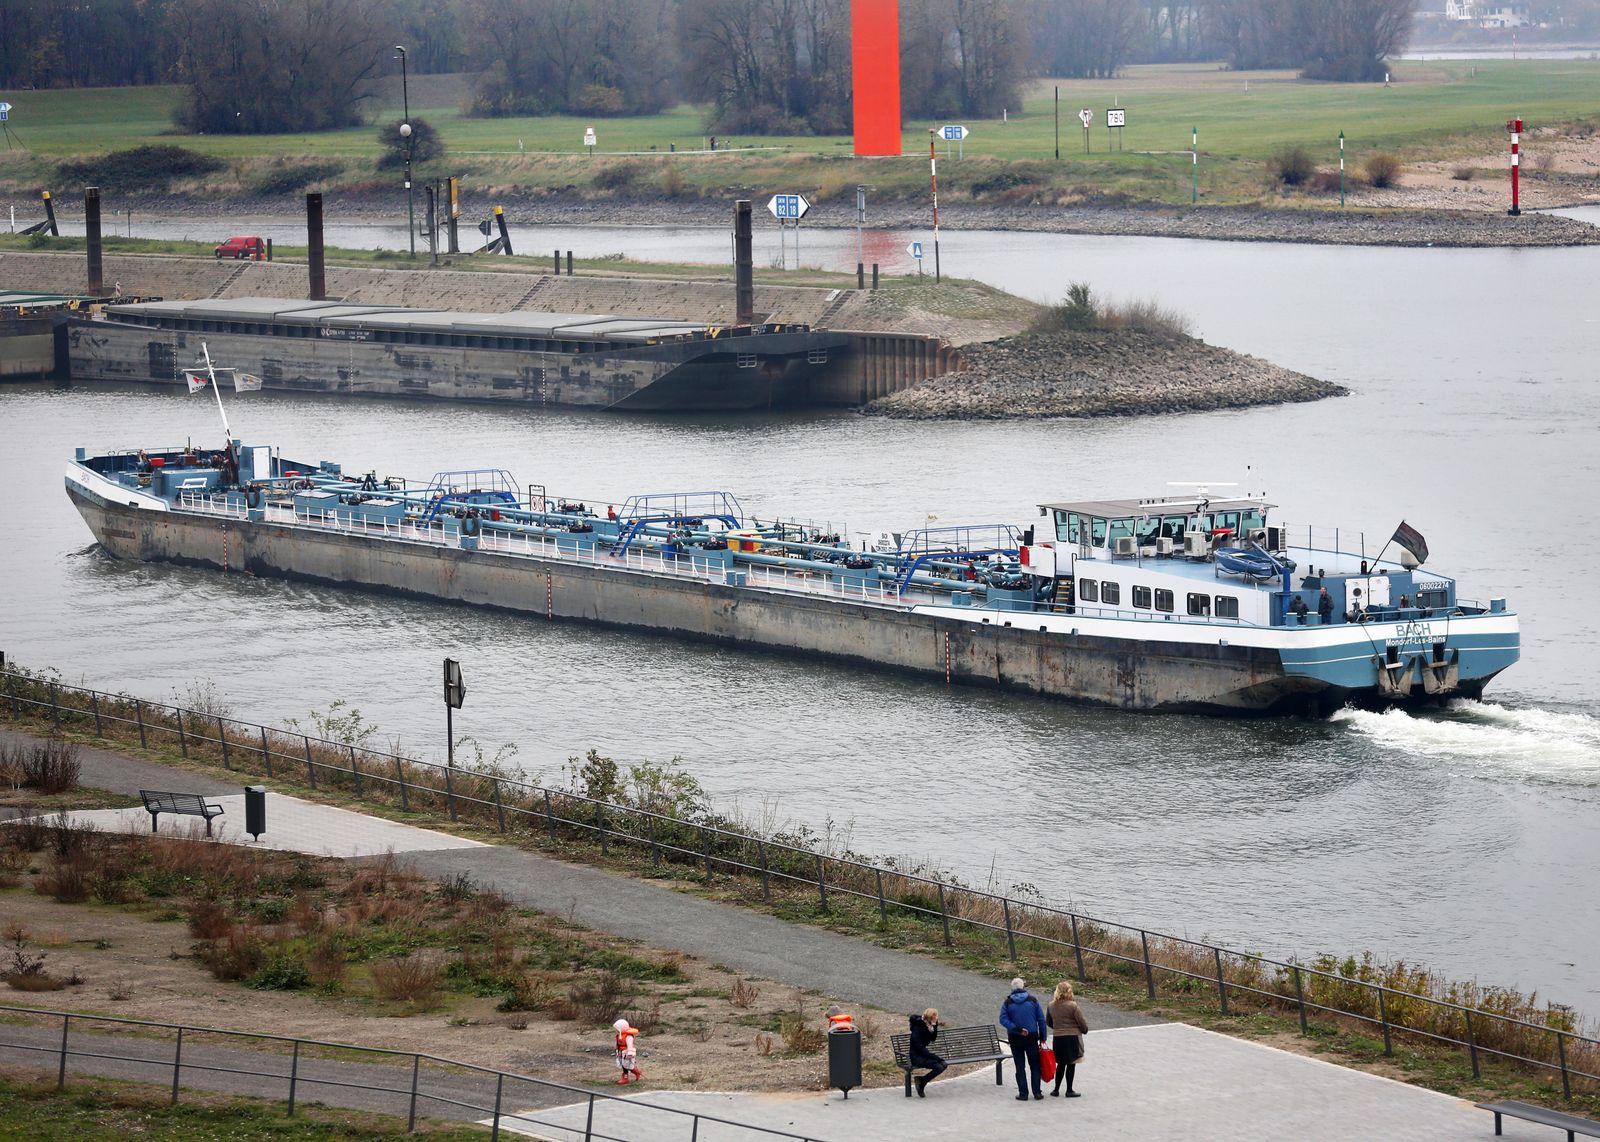 Rhein / Niedrigwasser / Ölfrachter